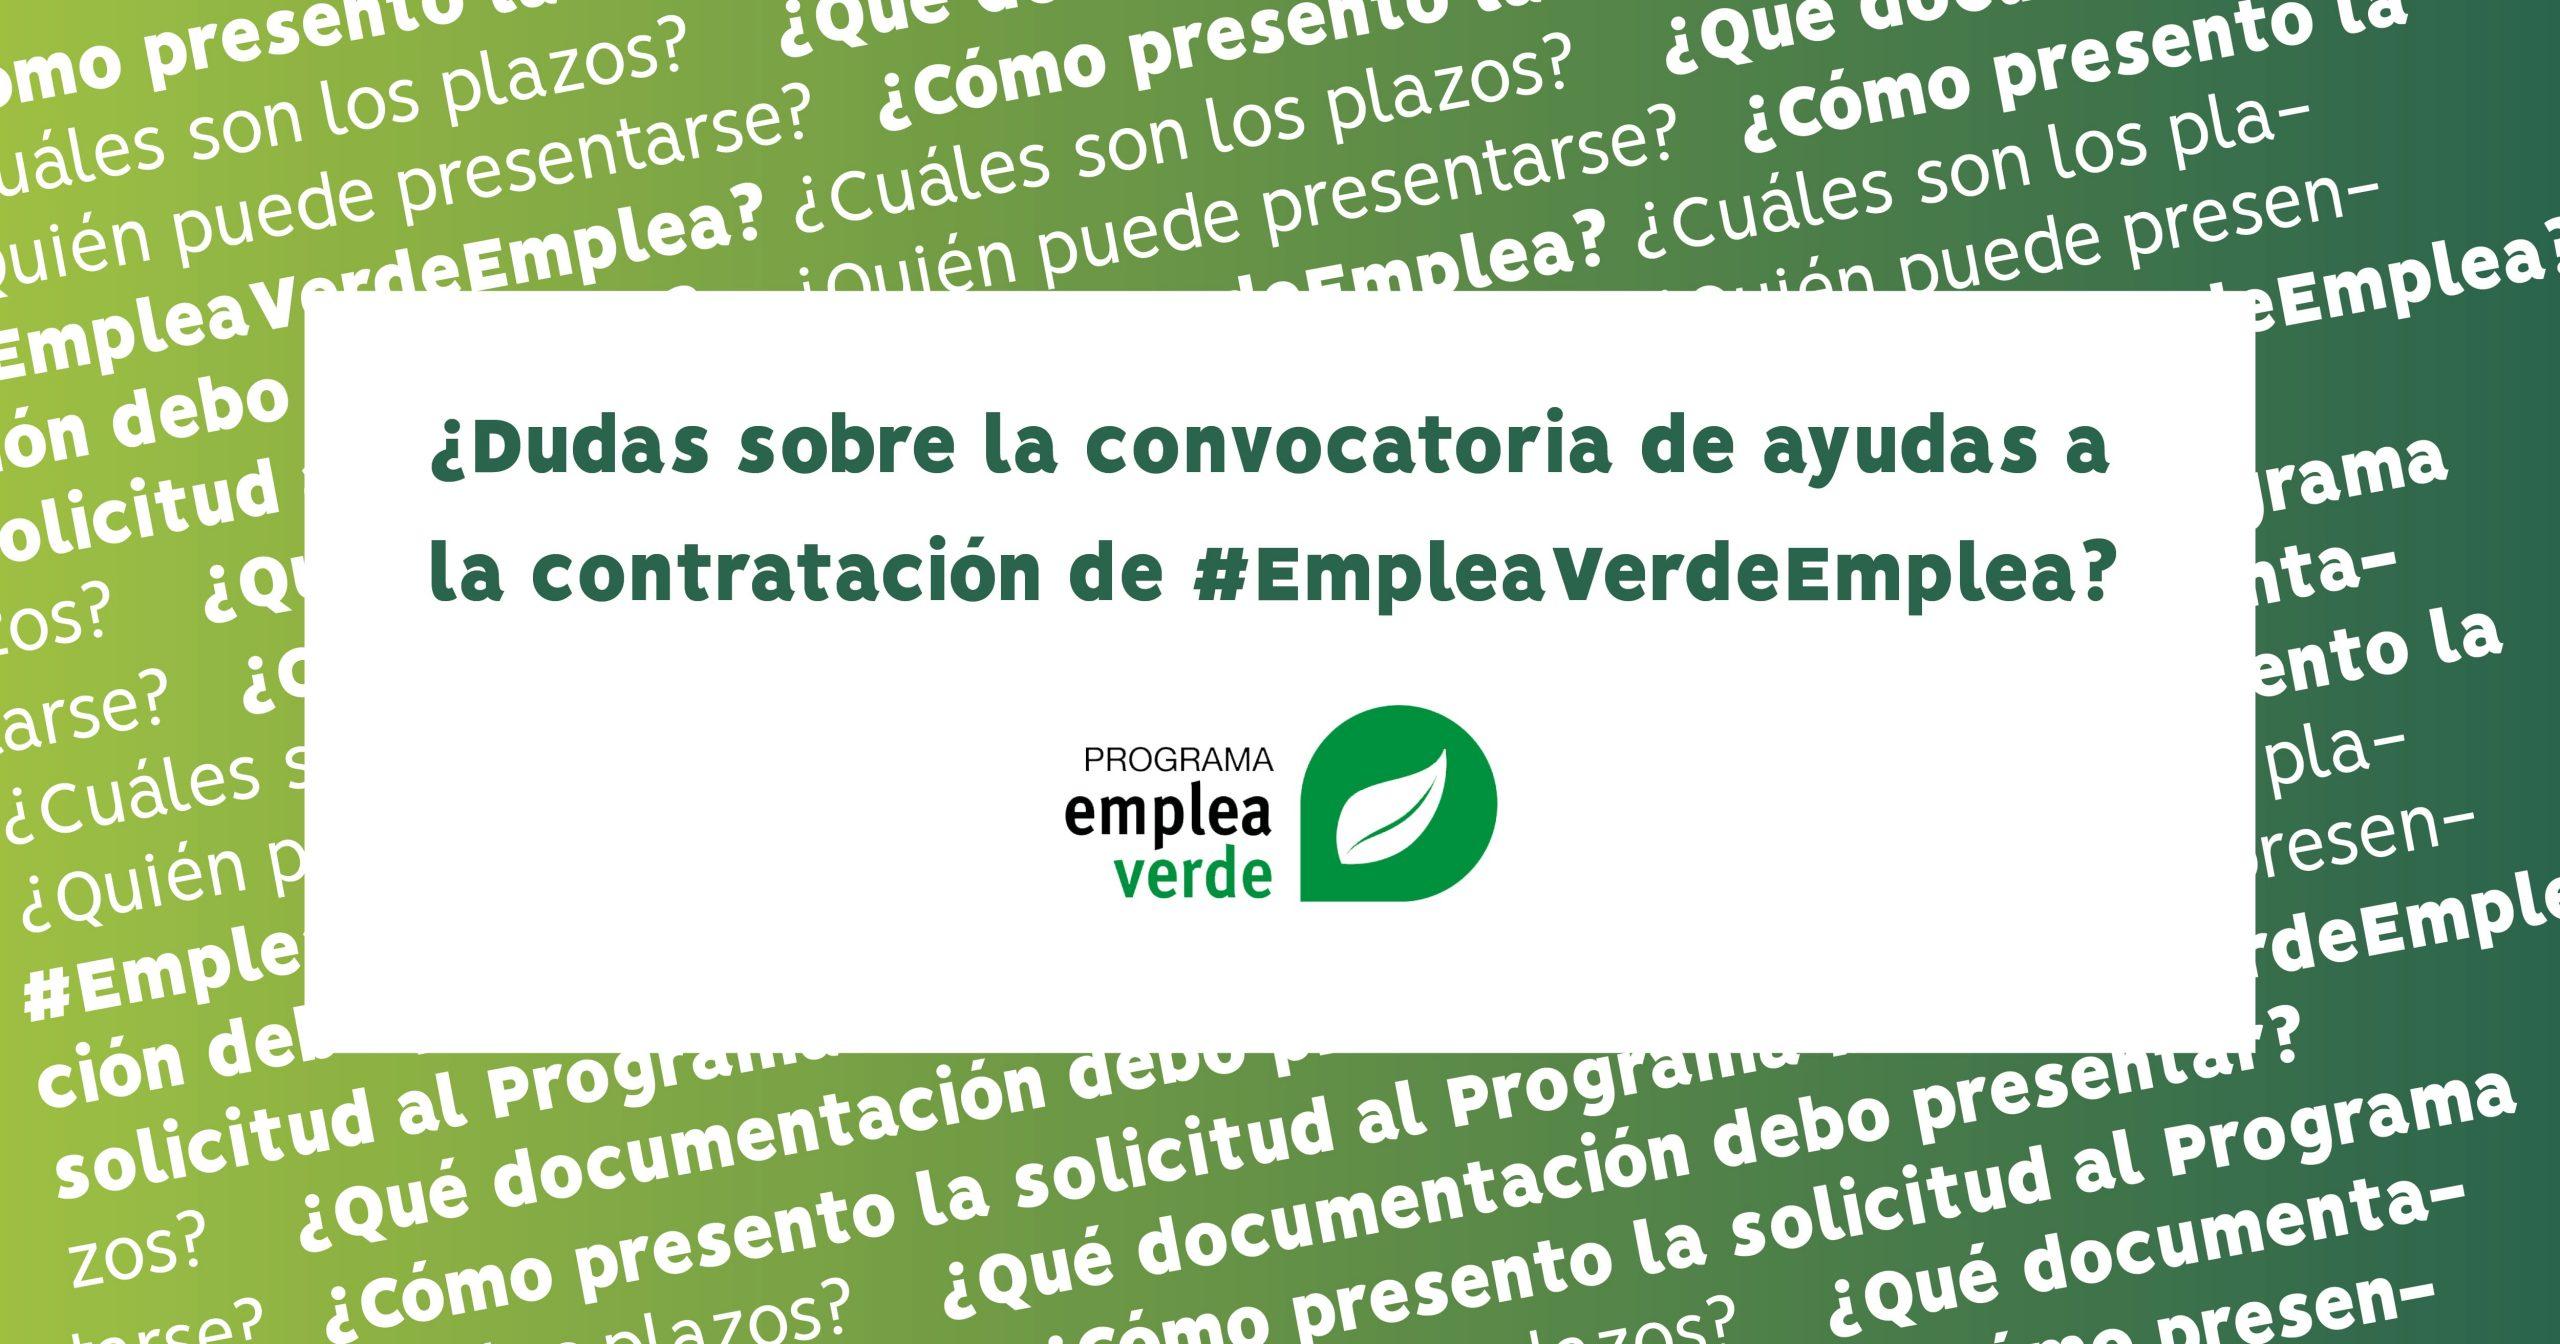 7 Grandes empresas españolas que apuestan por la sostenibilidad